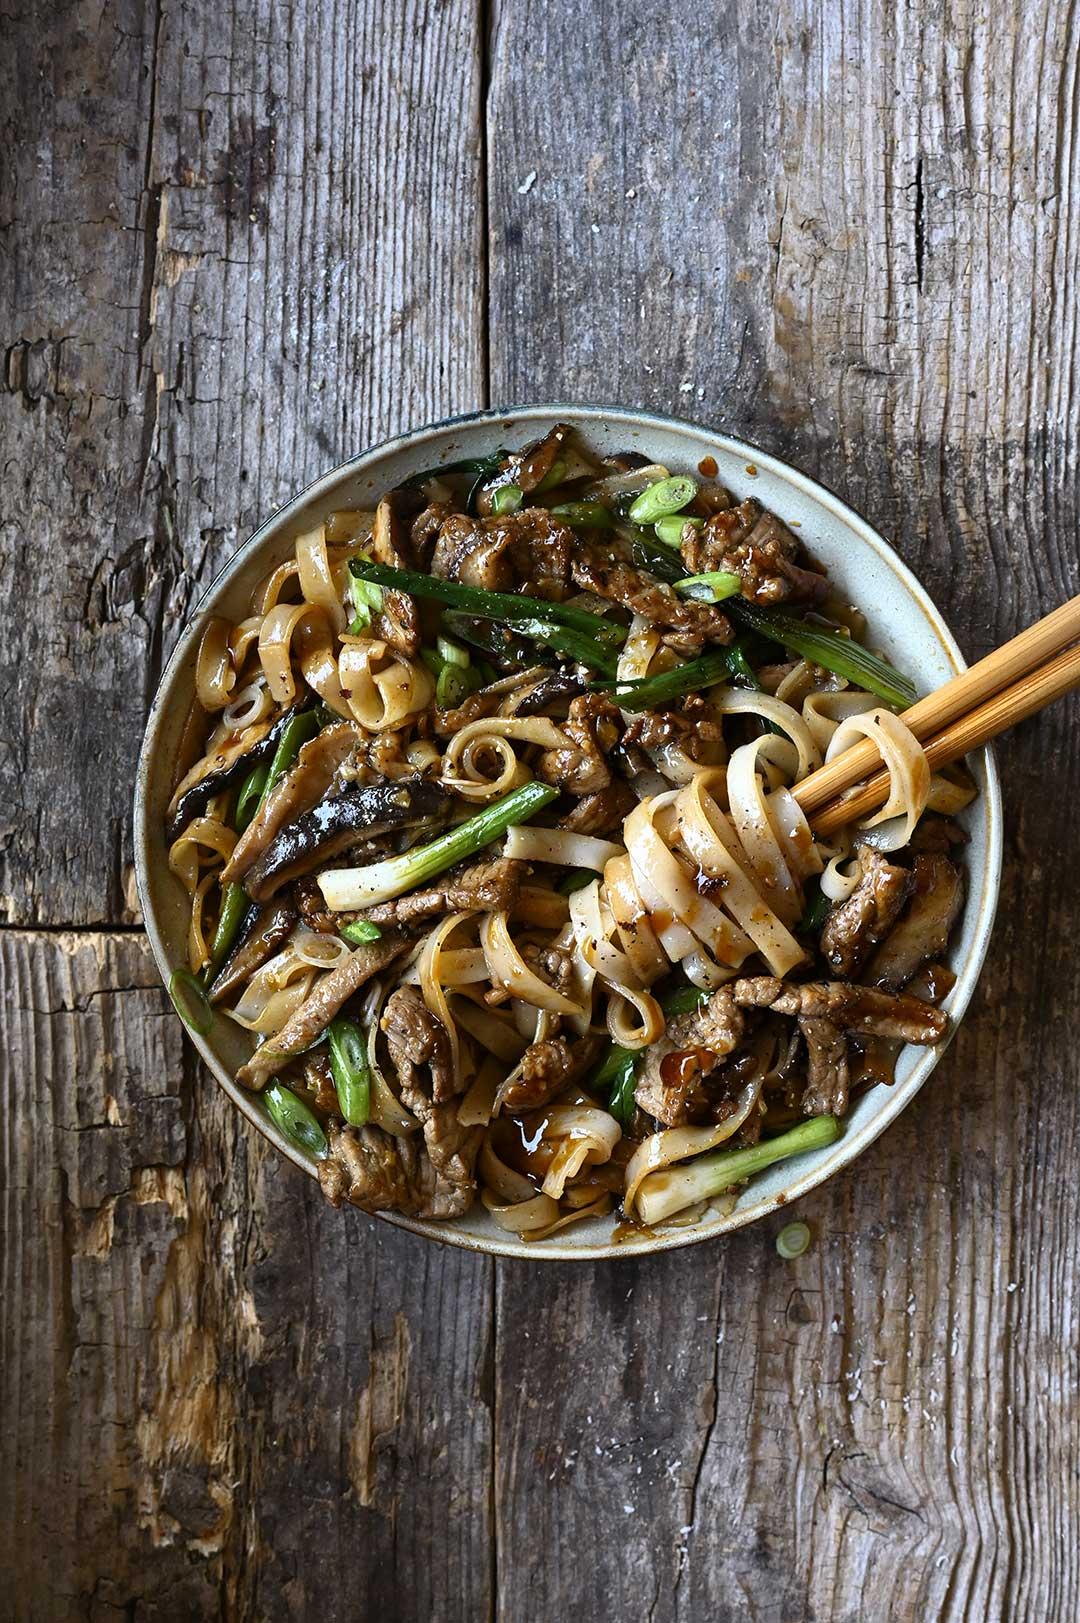 serving dumplings | Wok met runderreepjes en shiitakes